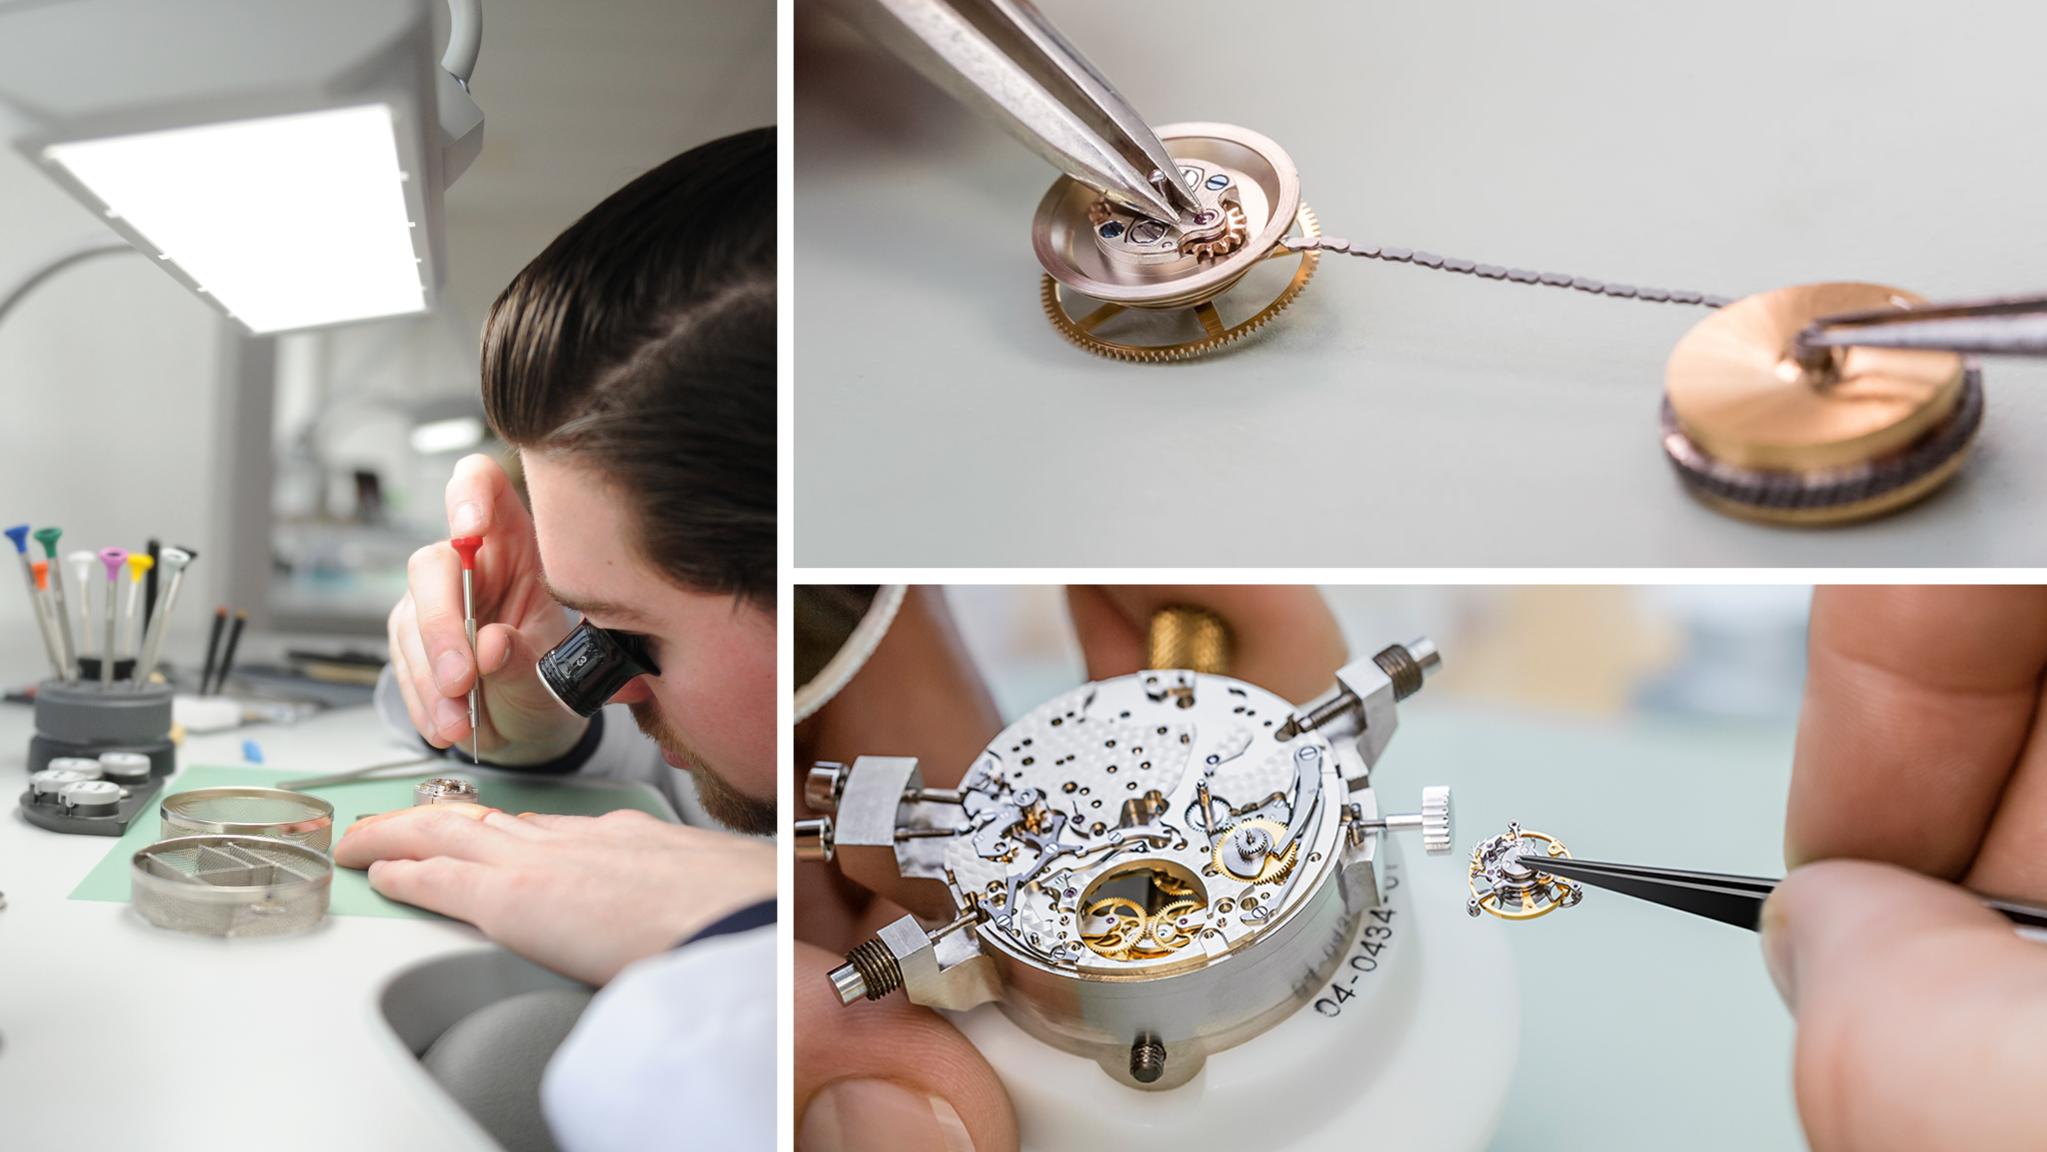 Basistips voor het onderhoud van uw horloge!